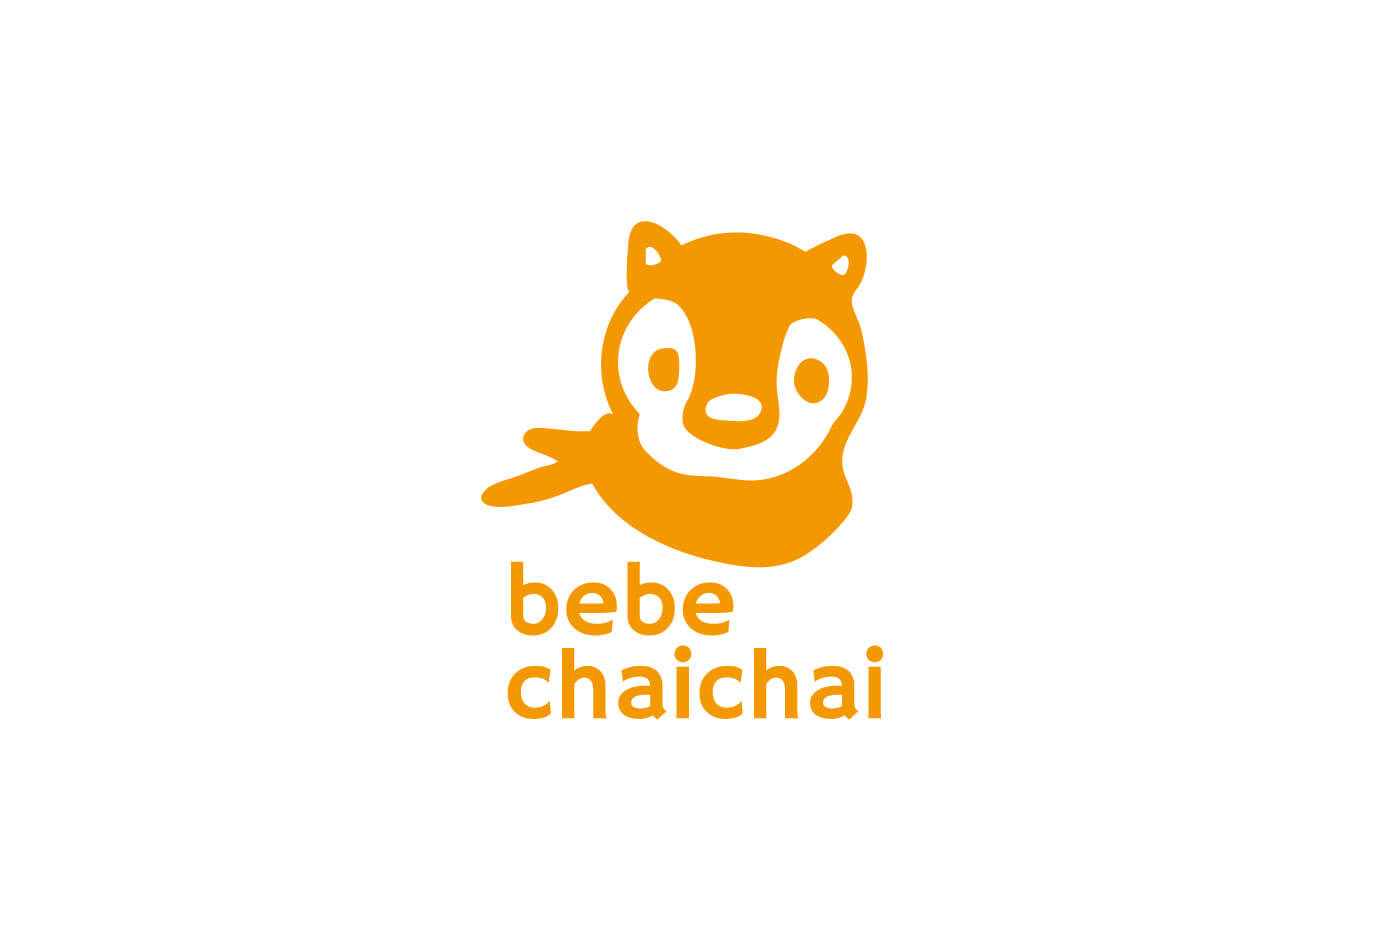 bebe-chaichai-logo-title